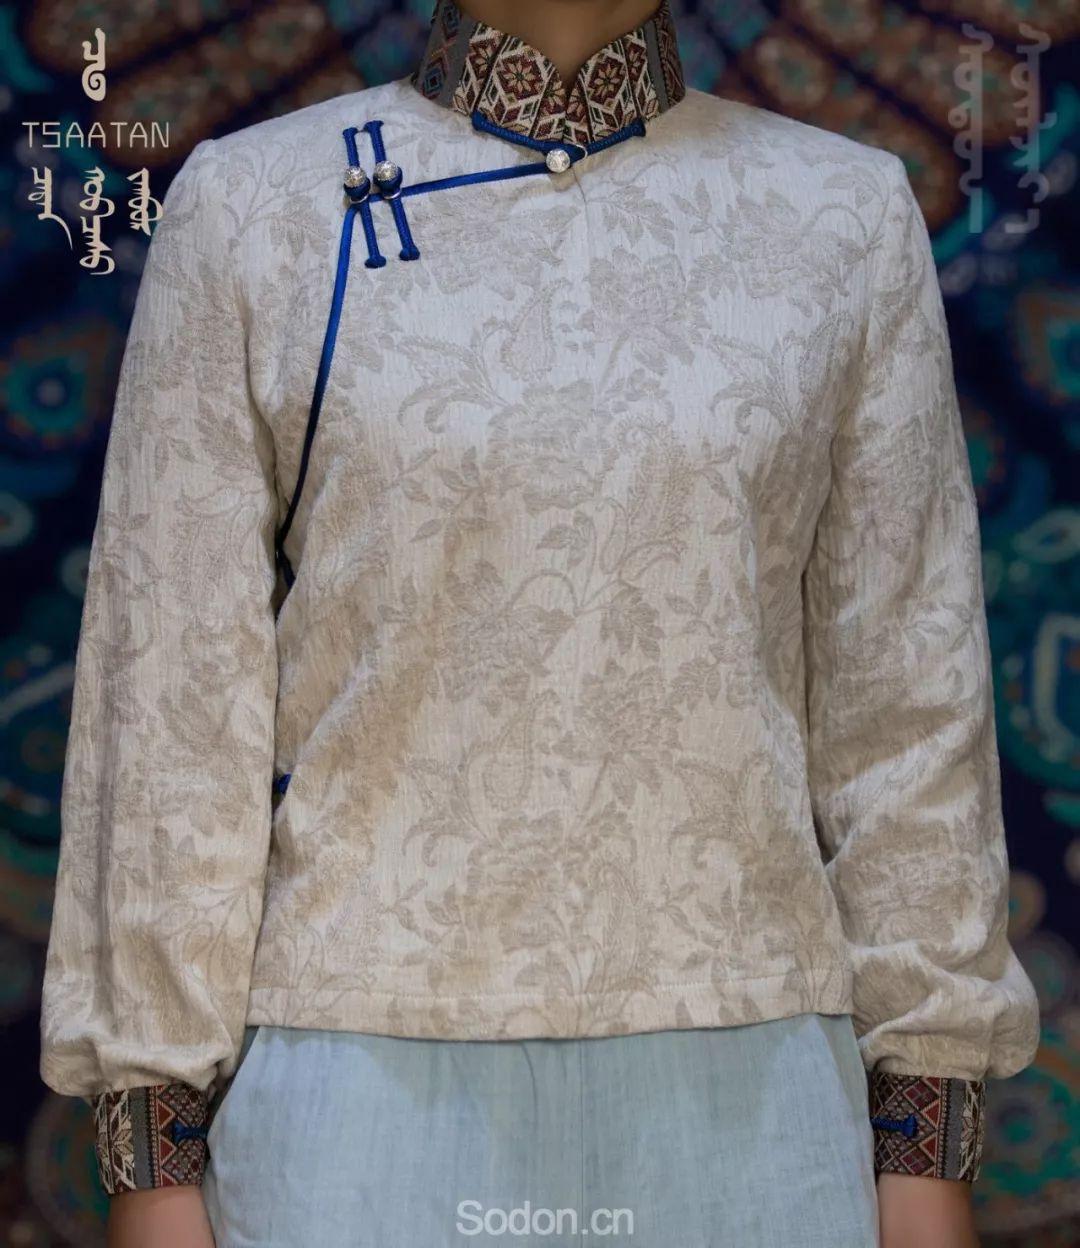 TSAATAN蒙古时装 2019新款,来自驯鹿人的独特魅力! 第104张 TSAATAN蒙古时装 2019新款,来自驯鹿人的独特魅力! 蒙古服饰